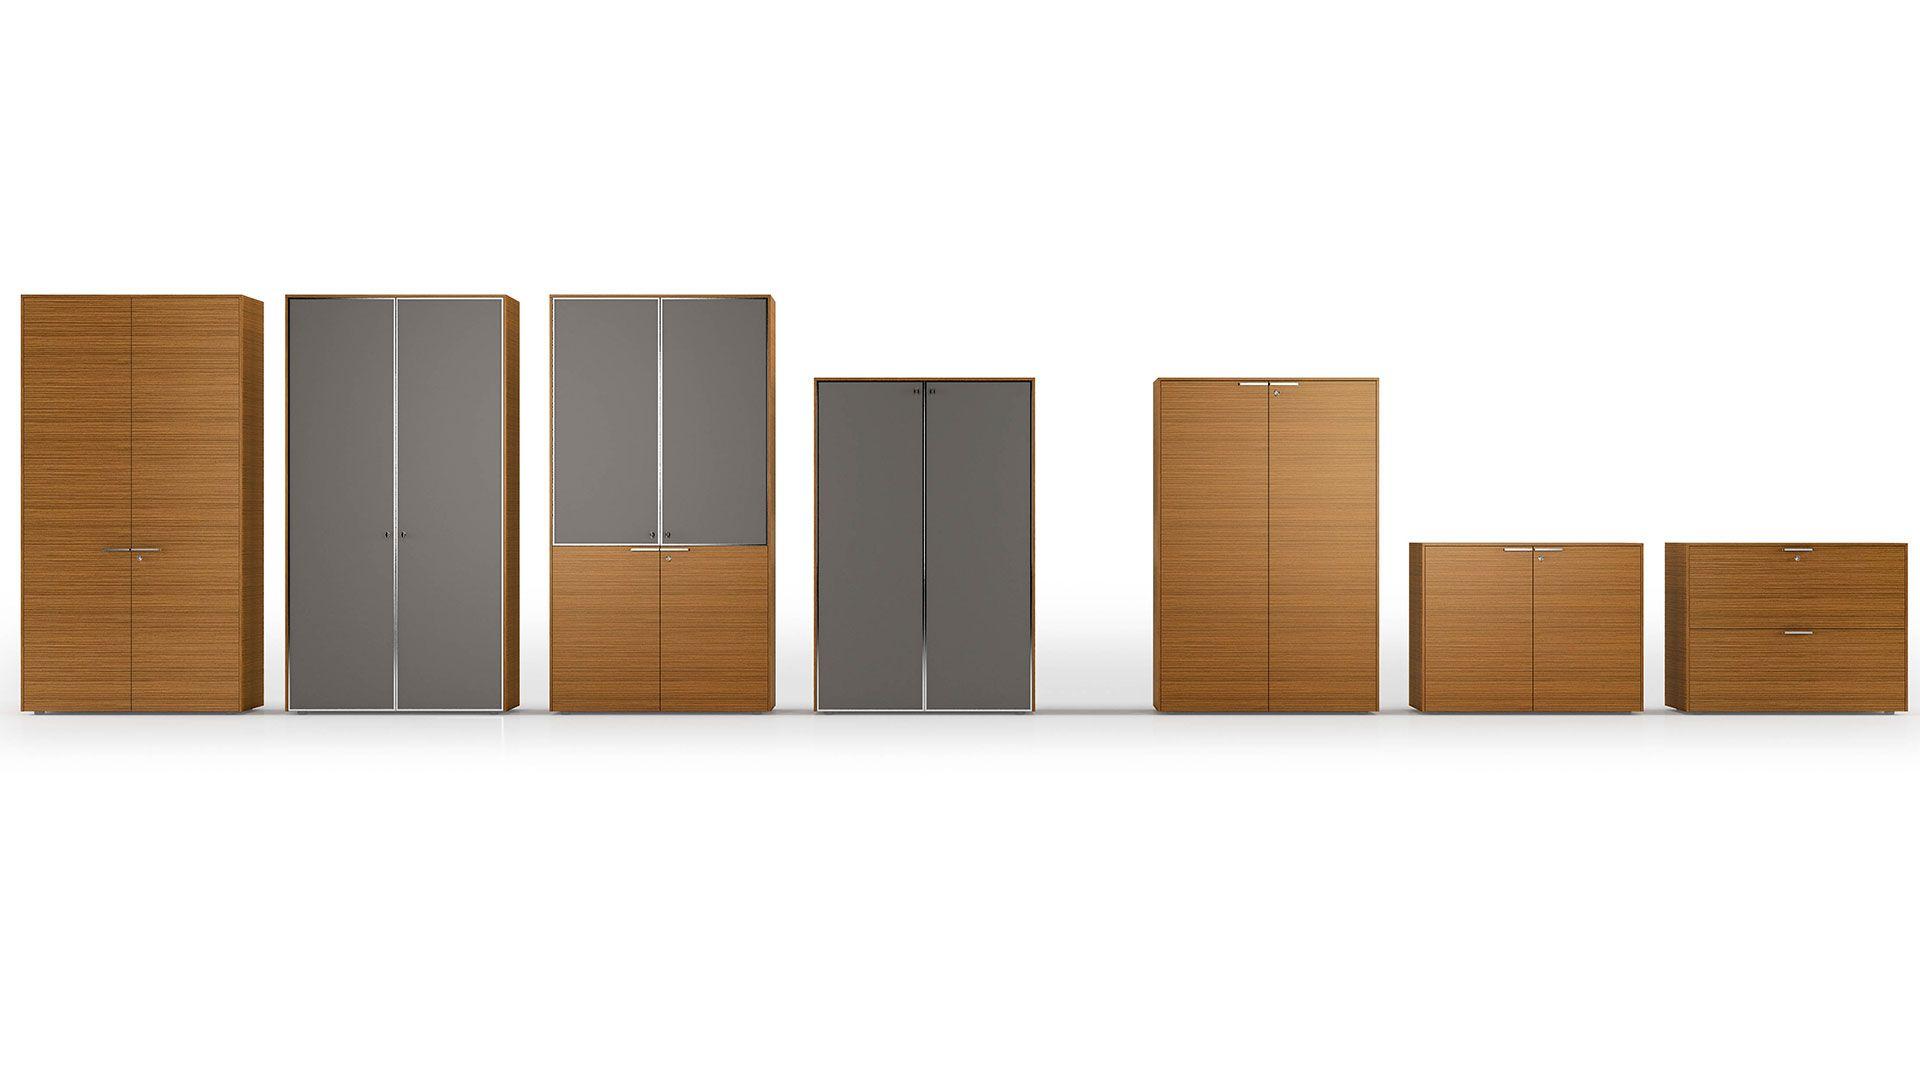 Büroschrank holz  Aktenschränke Schrankwand Platinum Büroschrank in verschiedenen ...